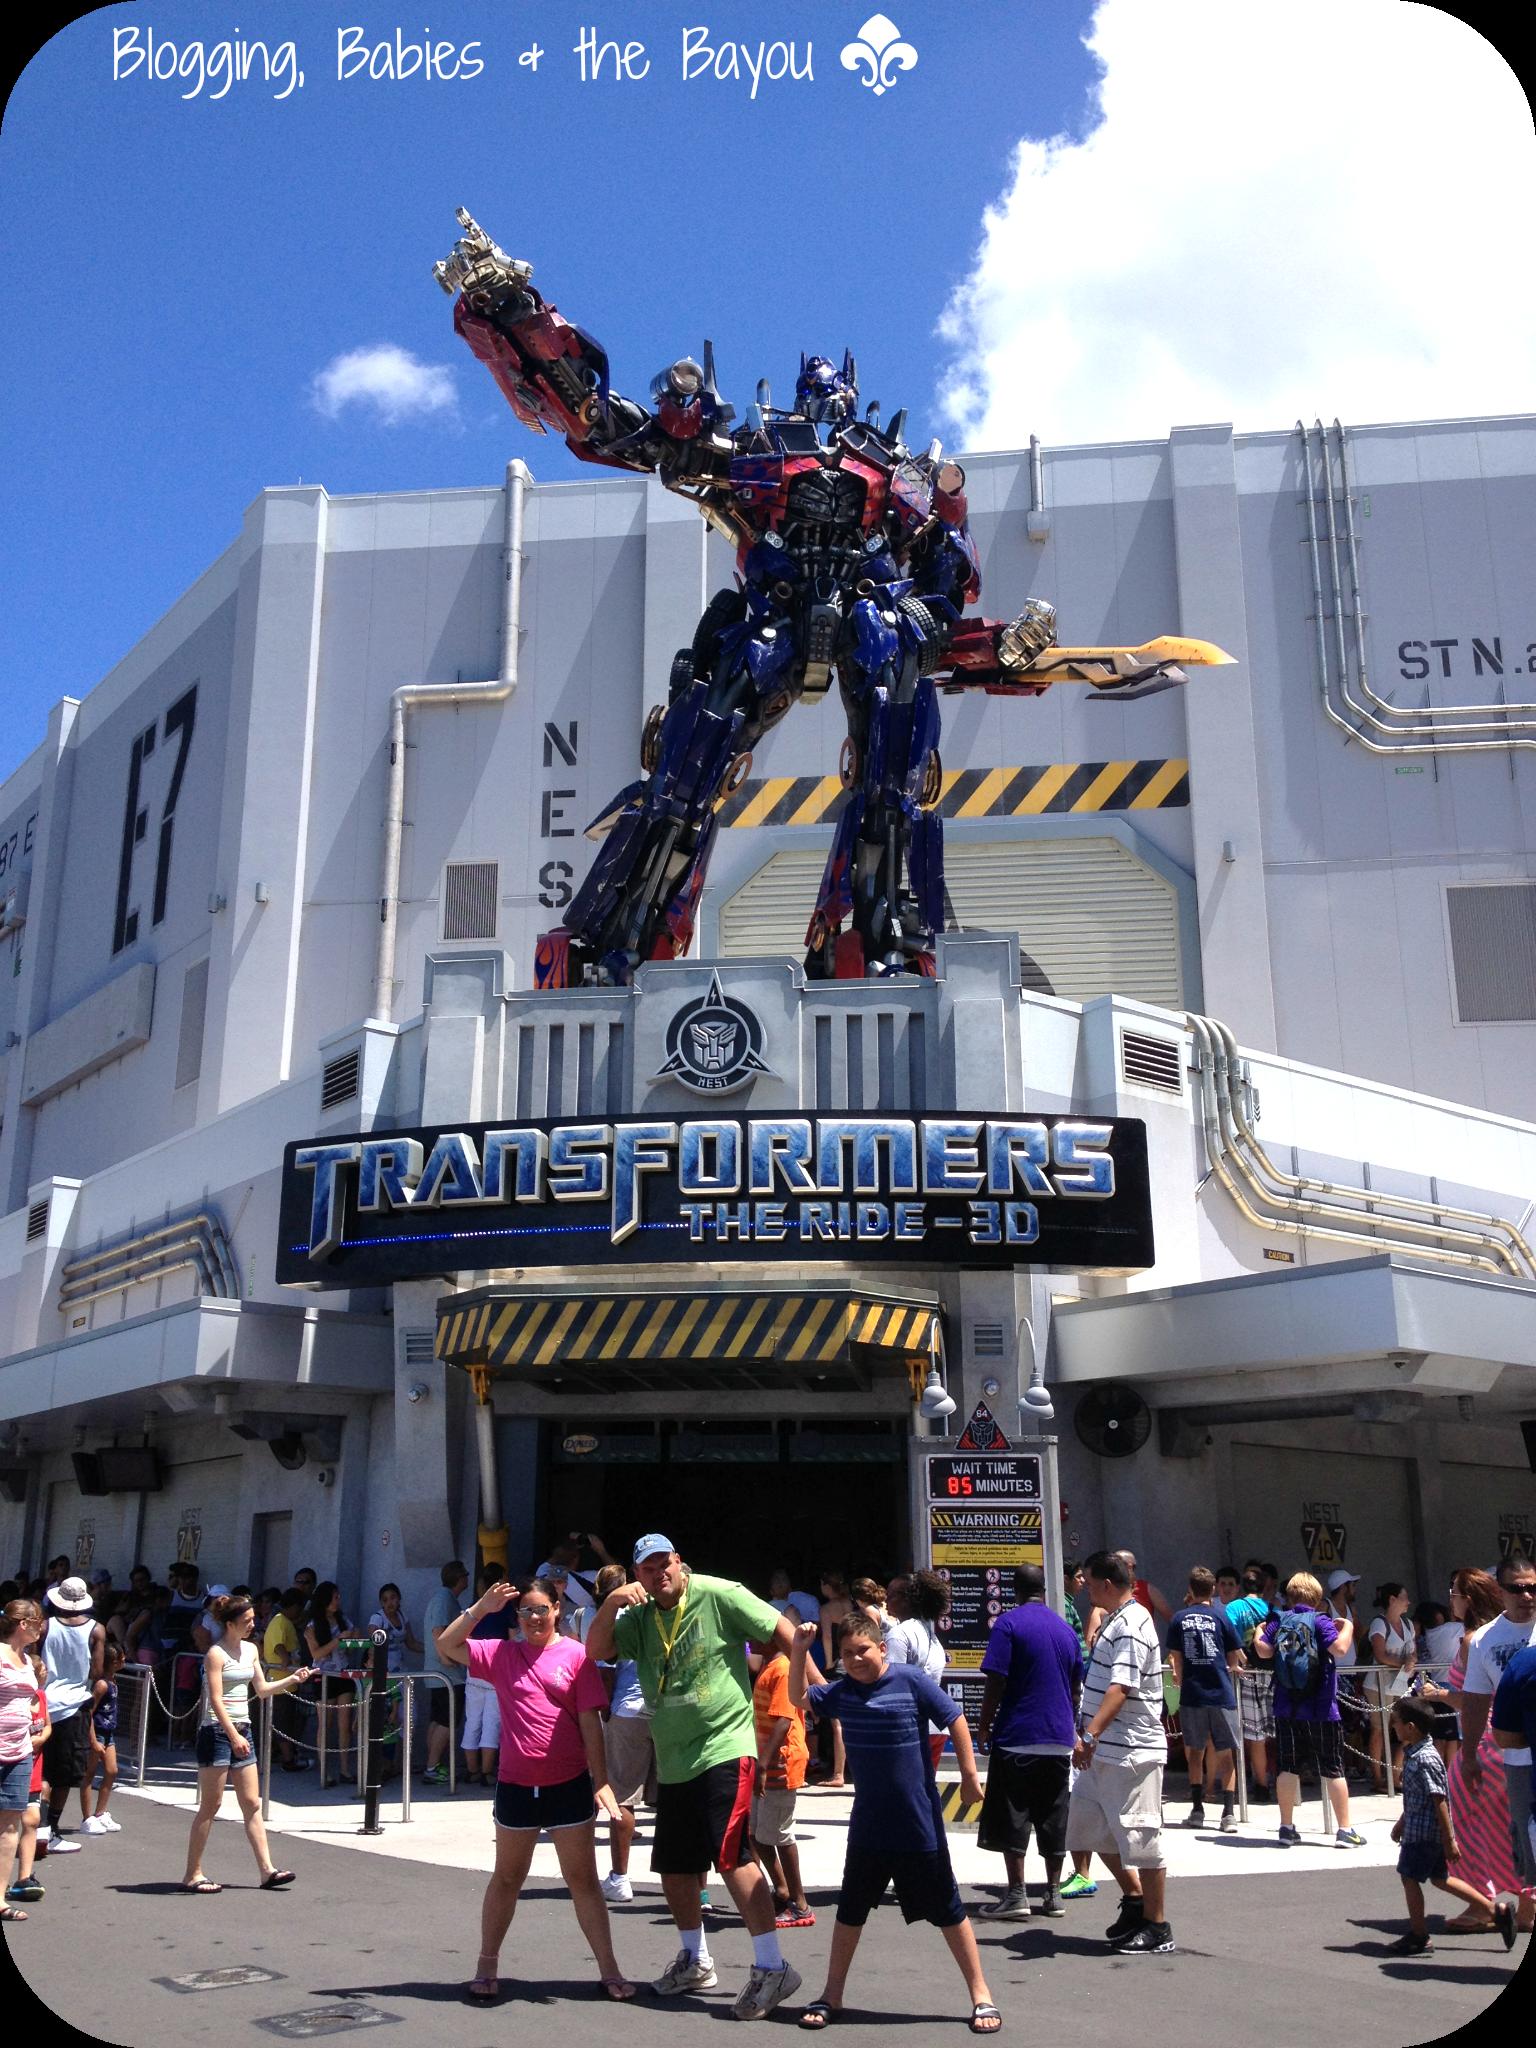 Universals Studios Transformers 3D